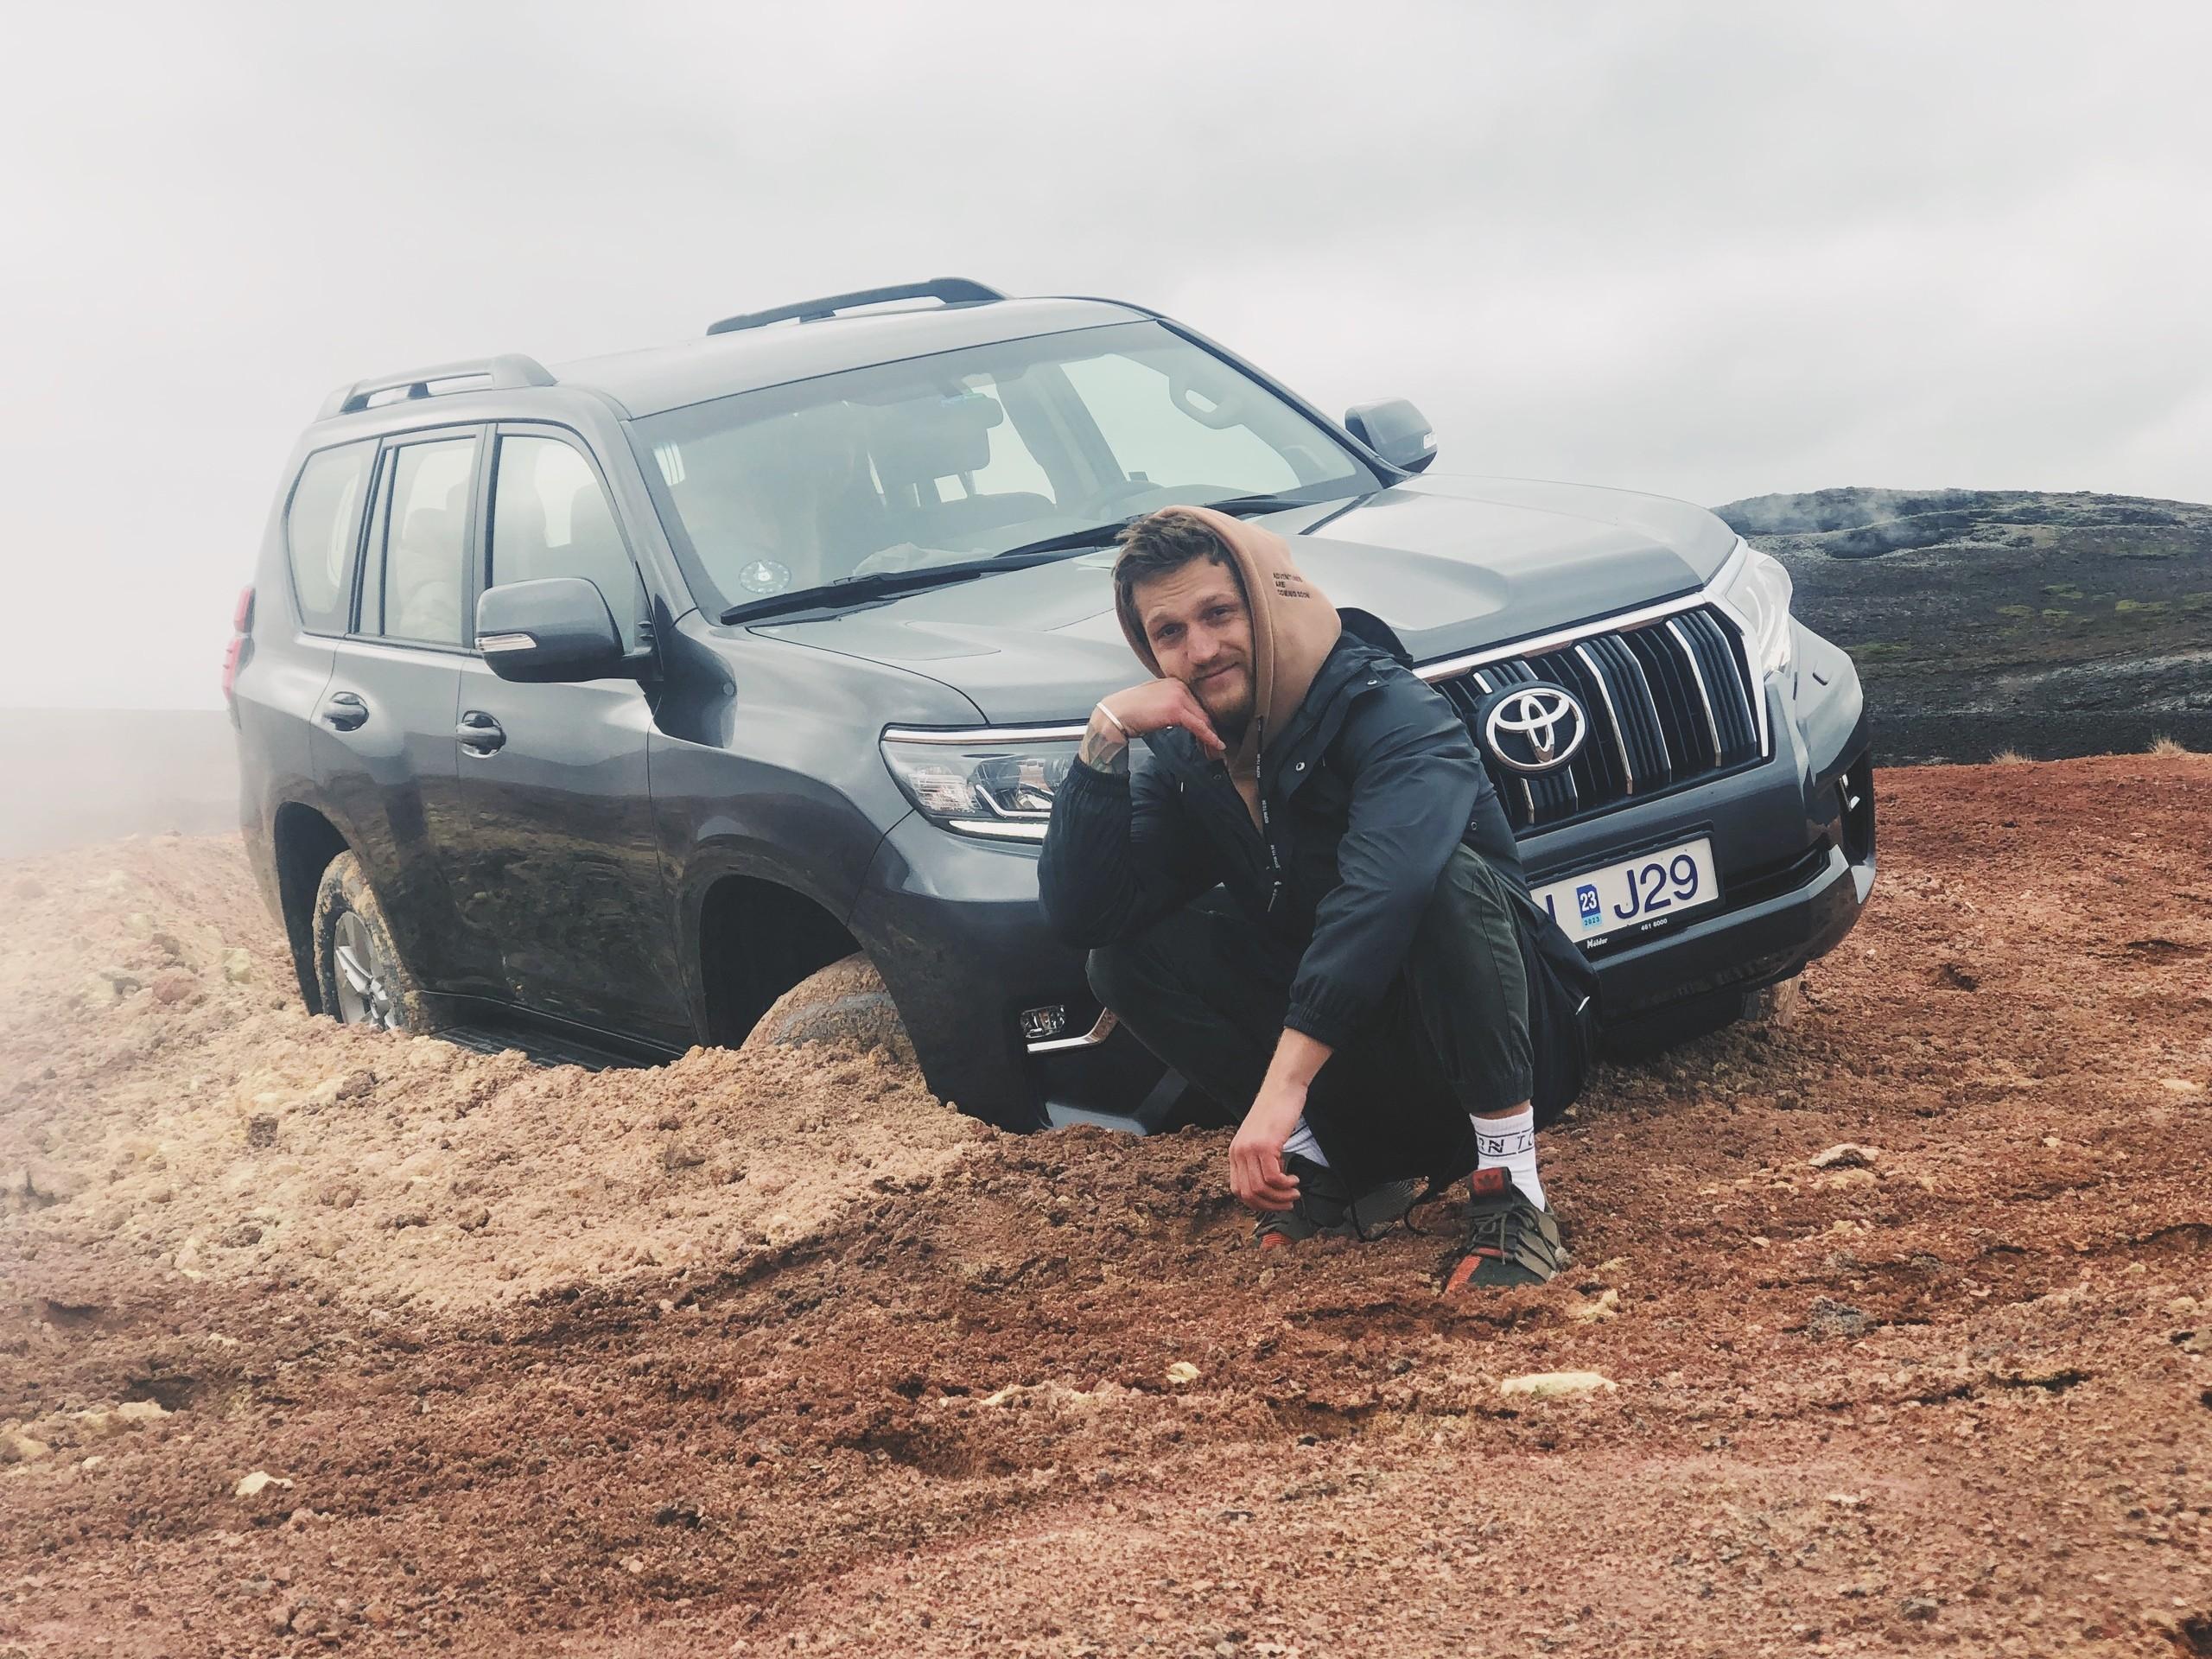 Водитель из России одним фото разгневал жителей Исландии 1